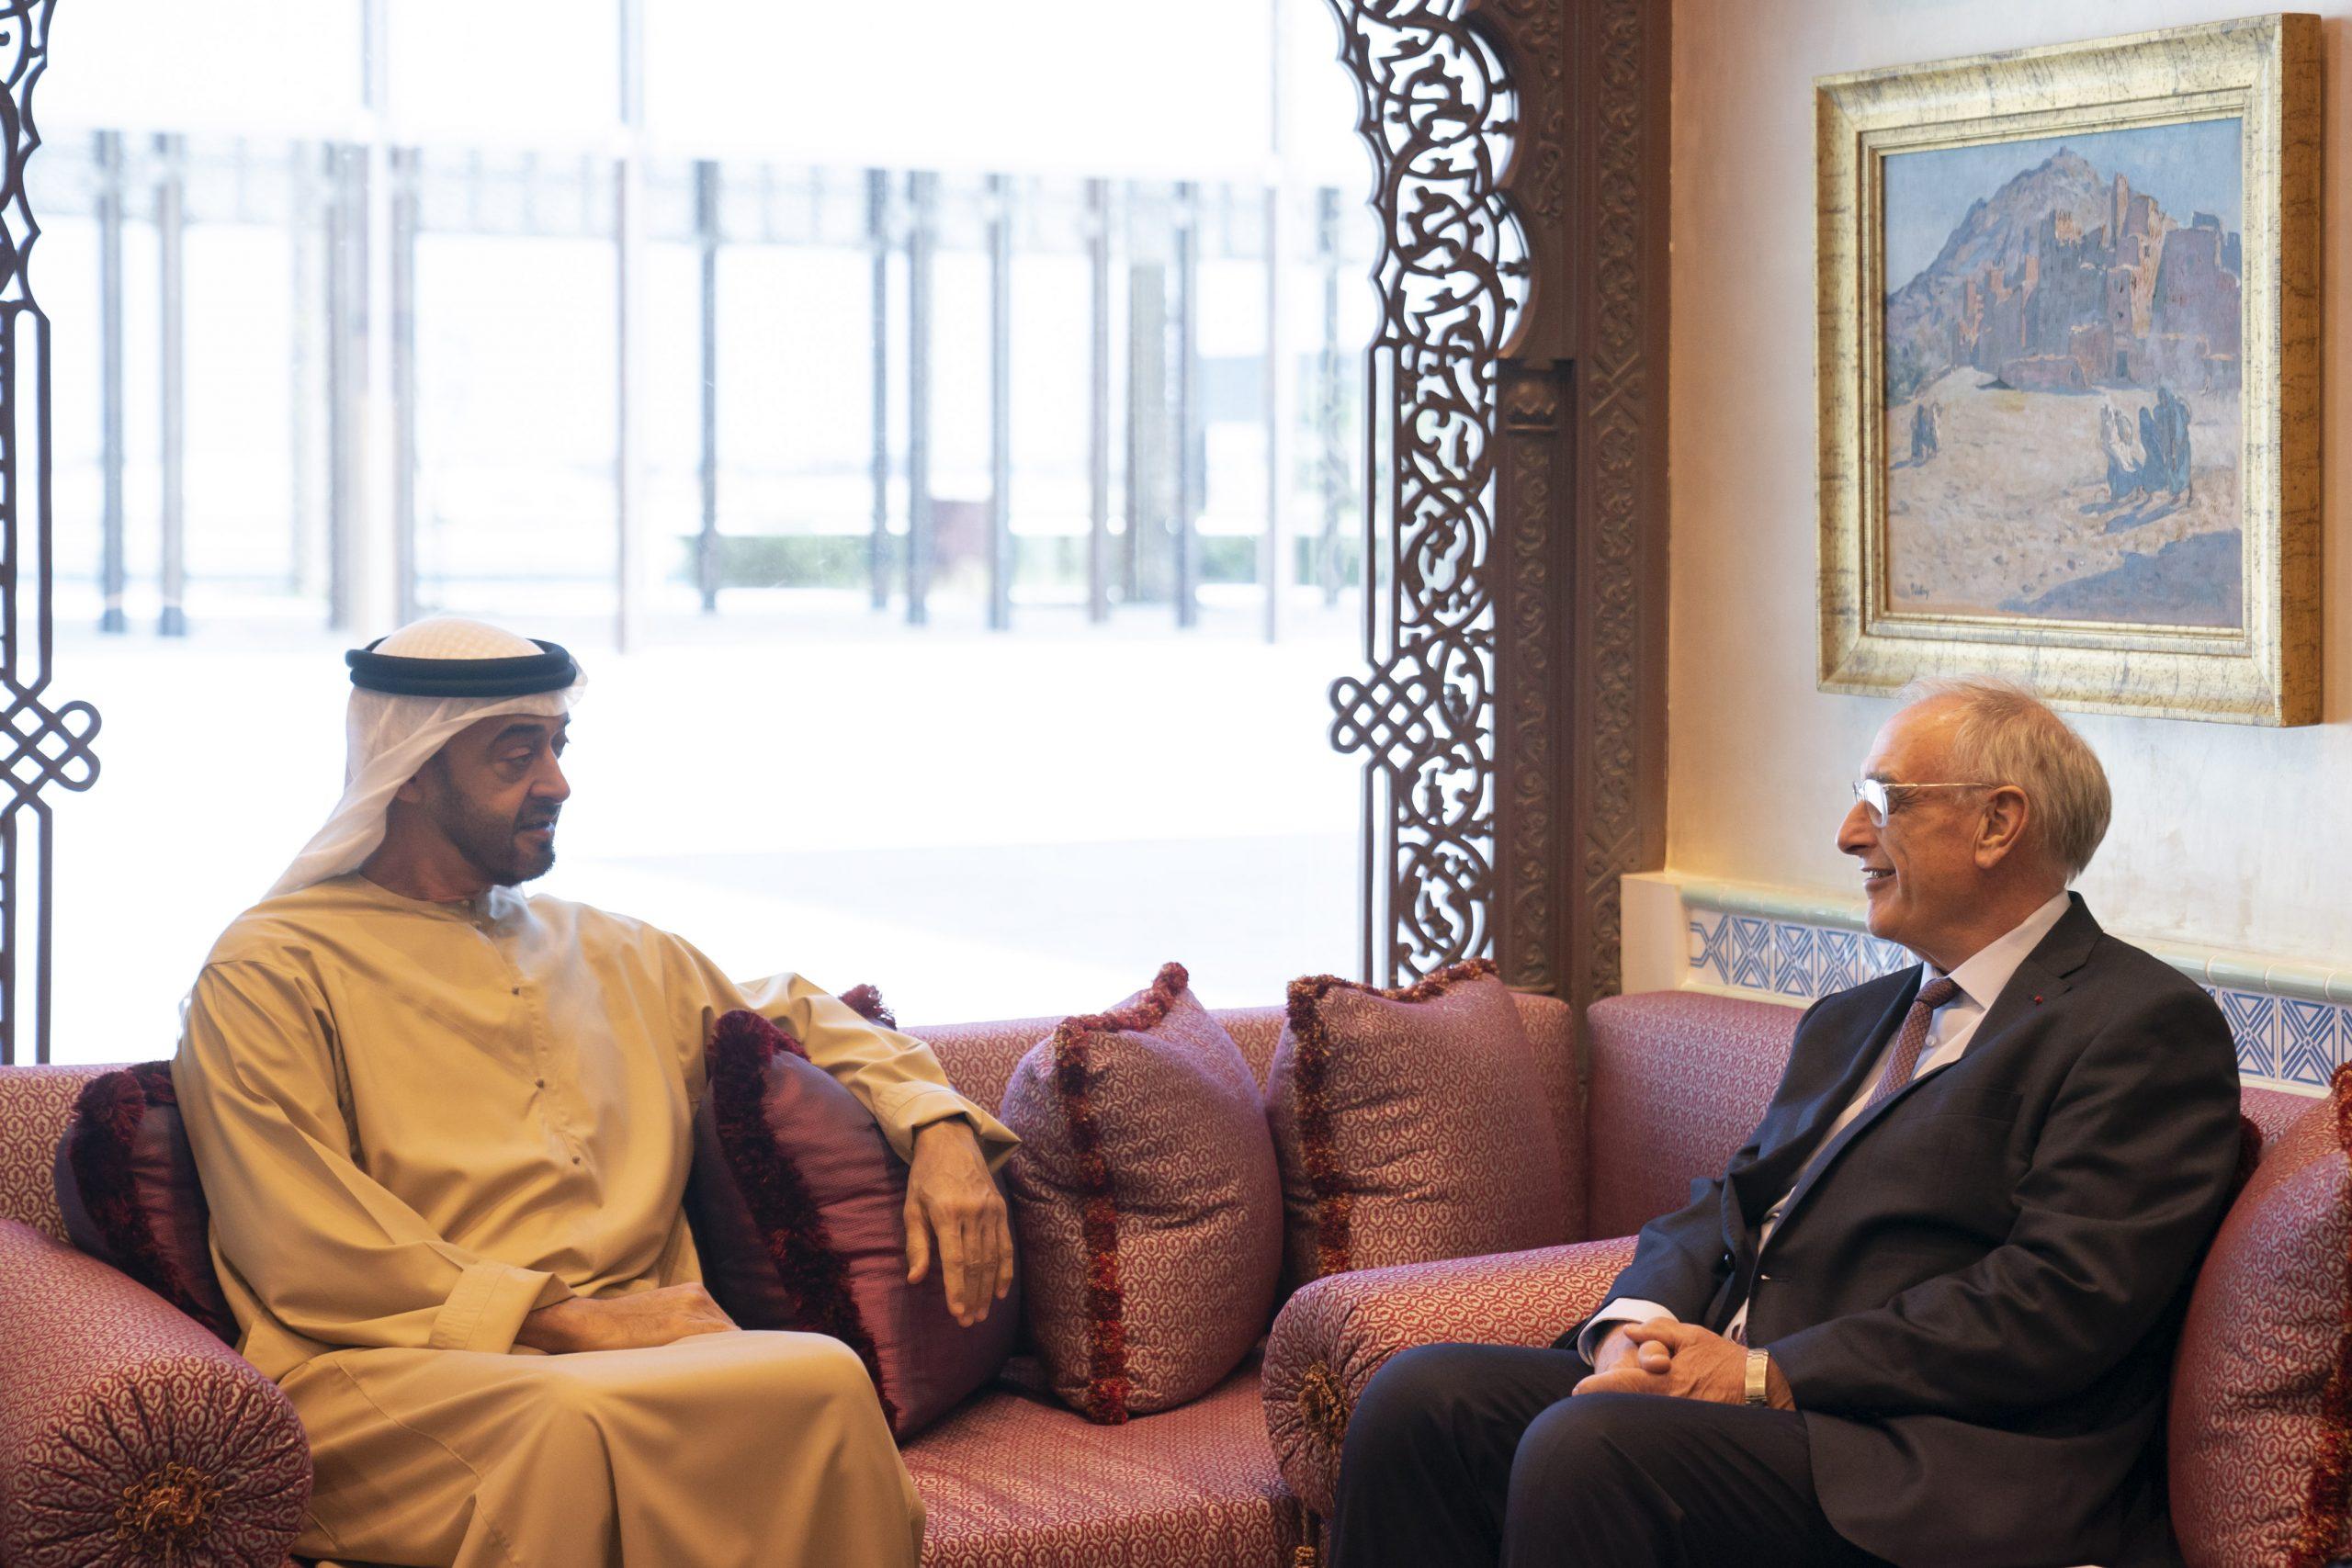 محمد بن زايد يستقبل رئيس مجموعة نافال الفرنسية